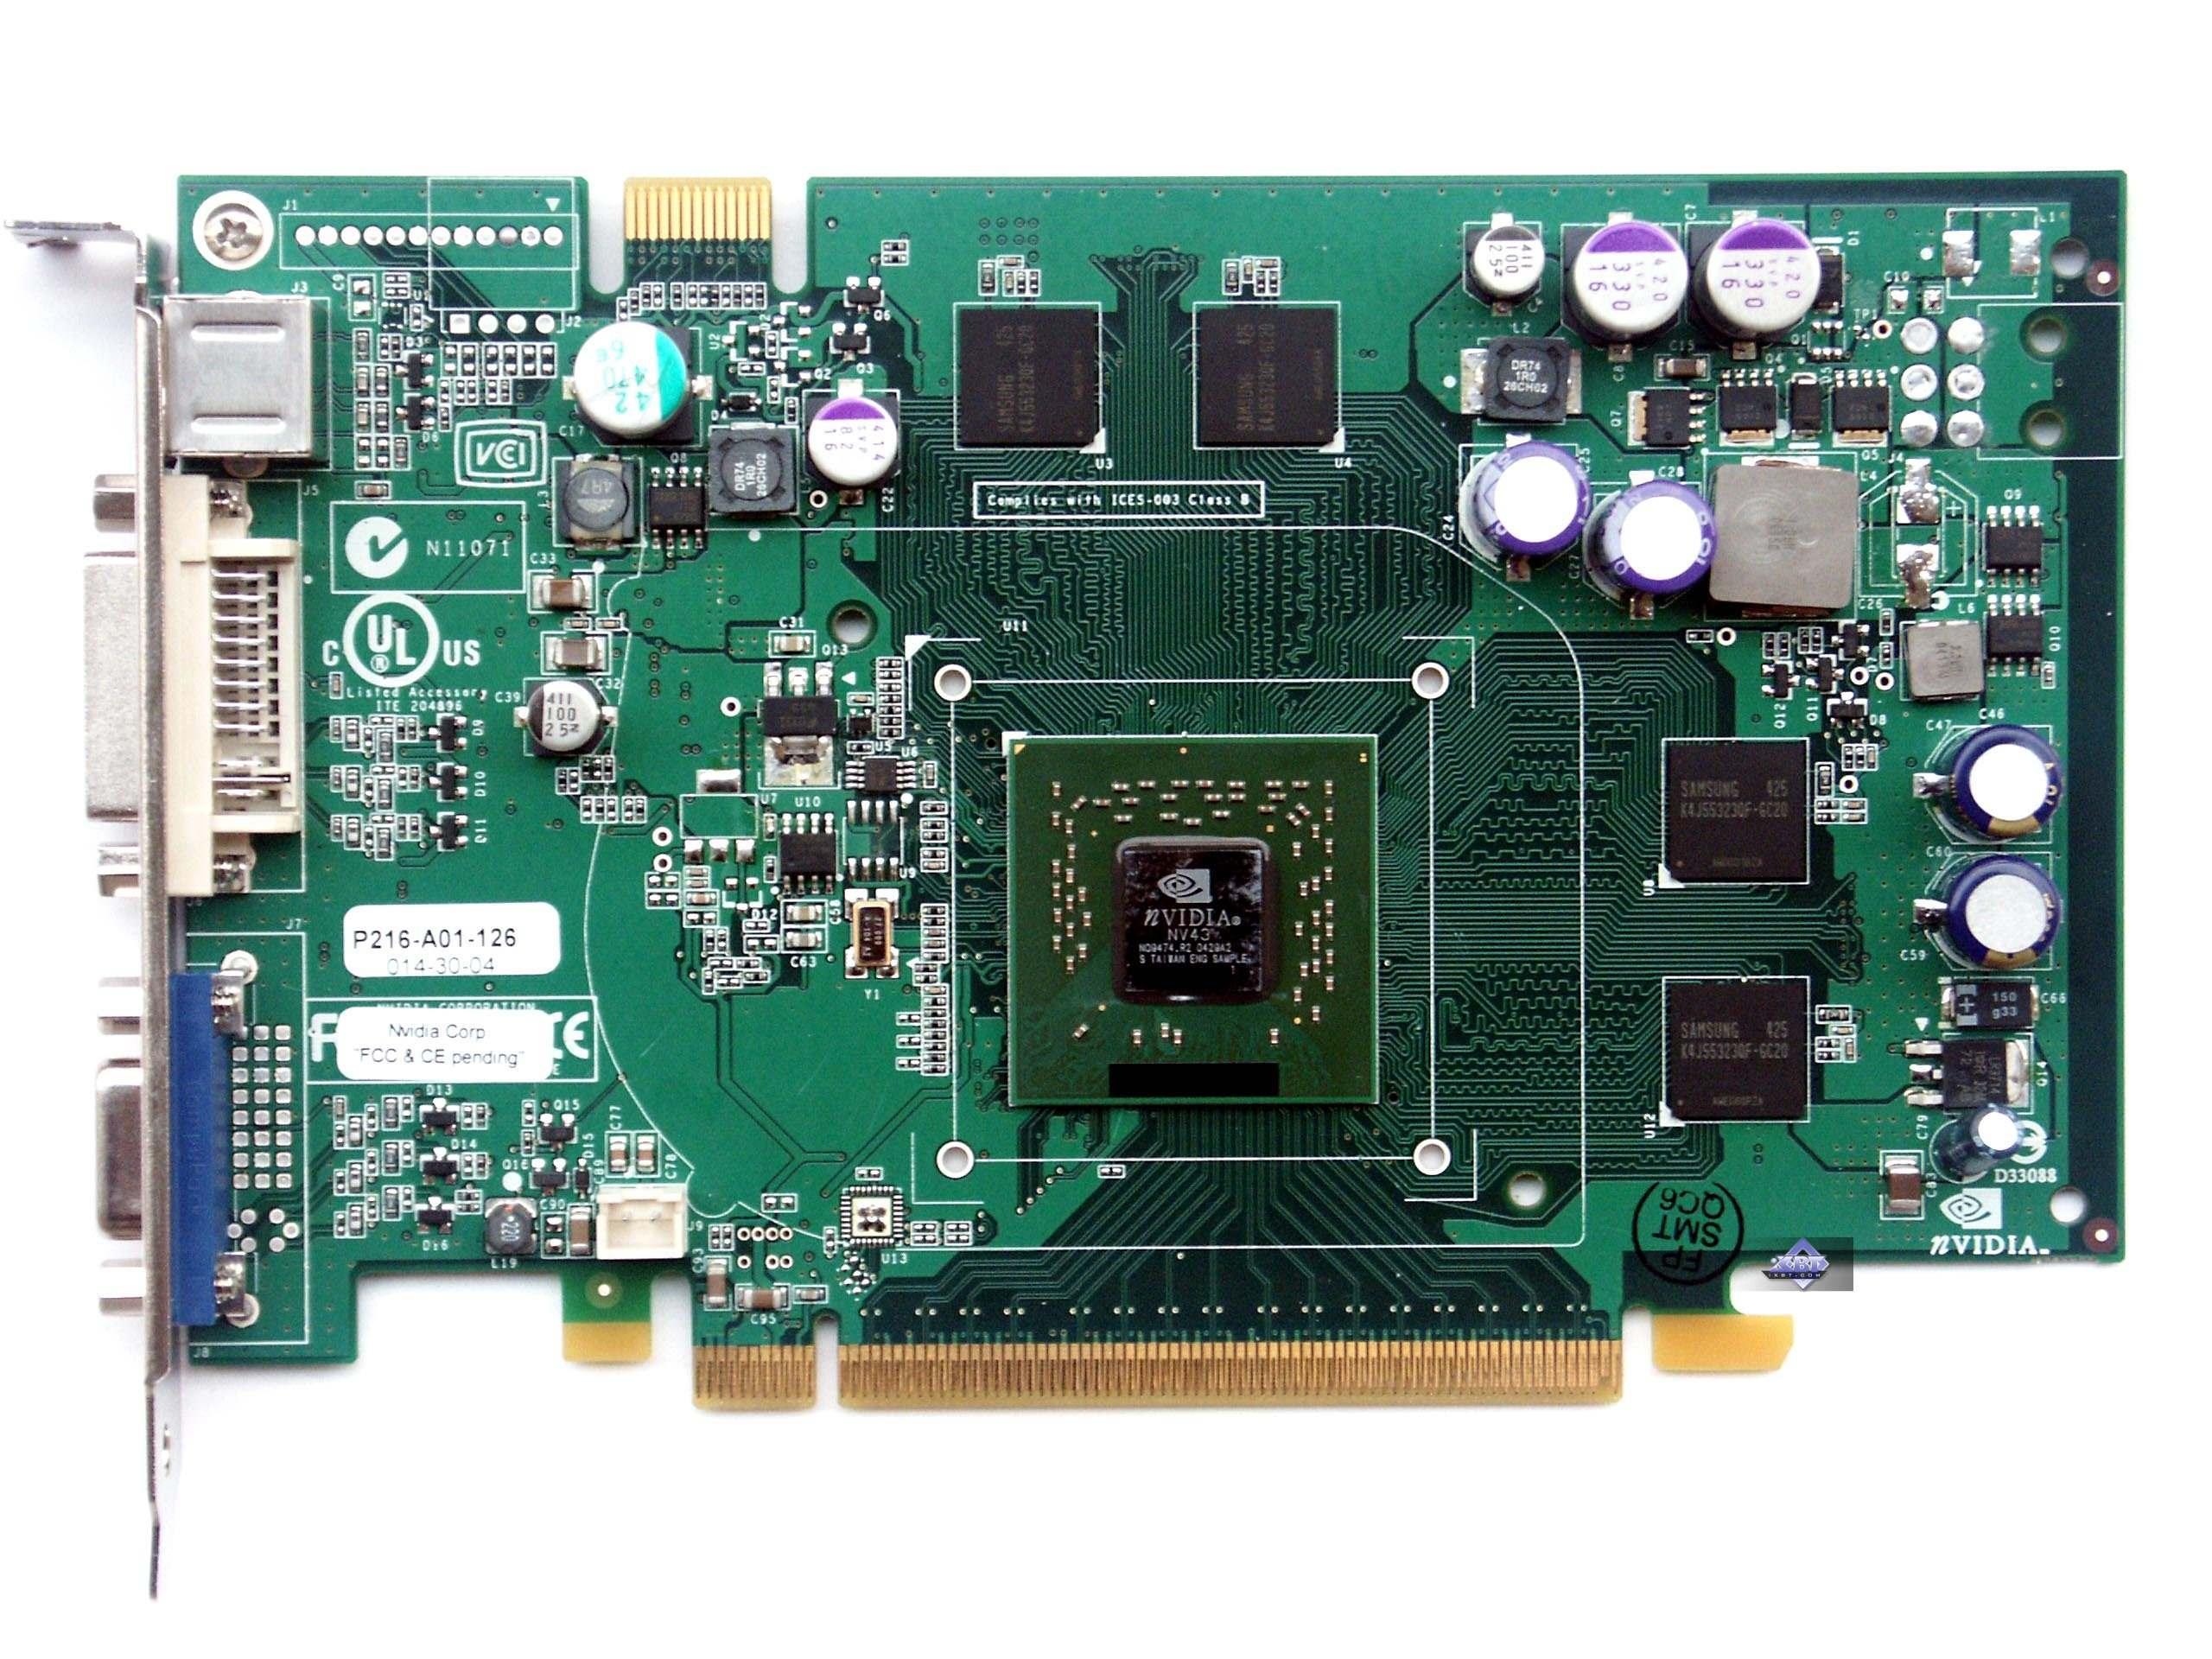 скачать драйвер для видеокарты geforce 6600 32bit